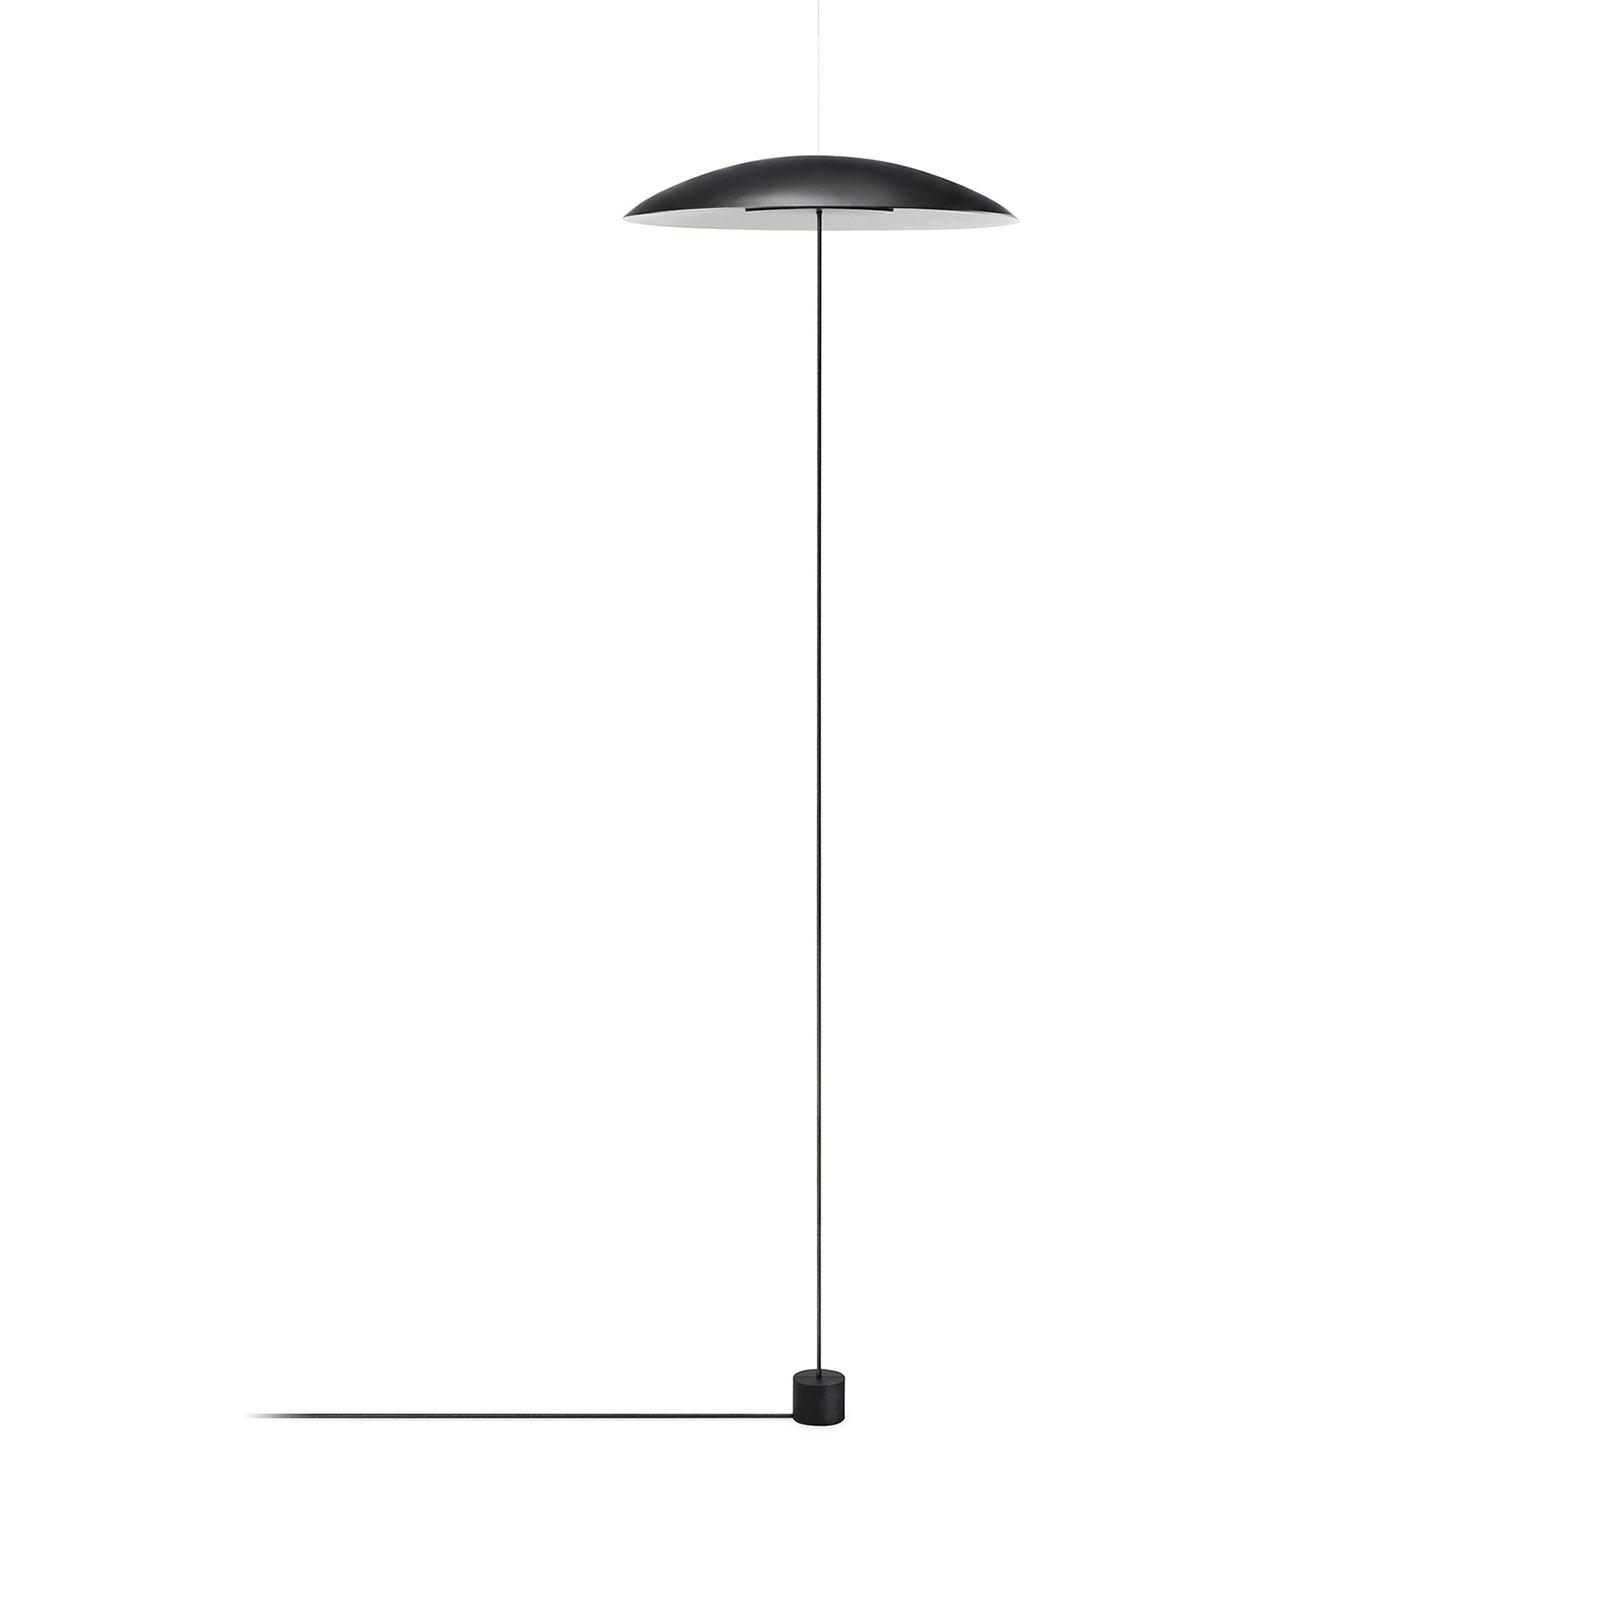 LEDS-C4 Noway Single LED-gulvlampe, svart